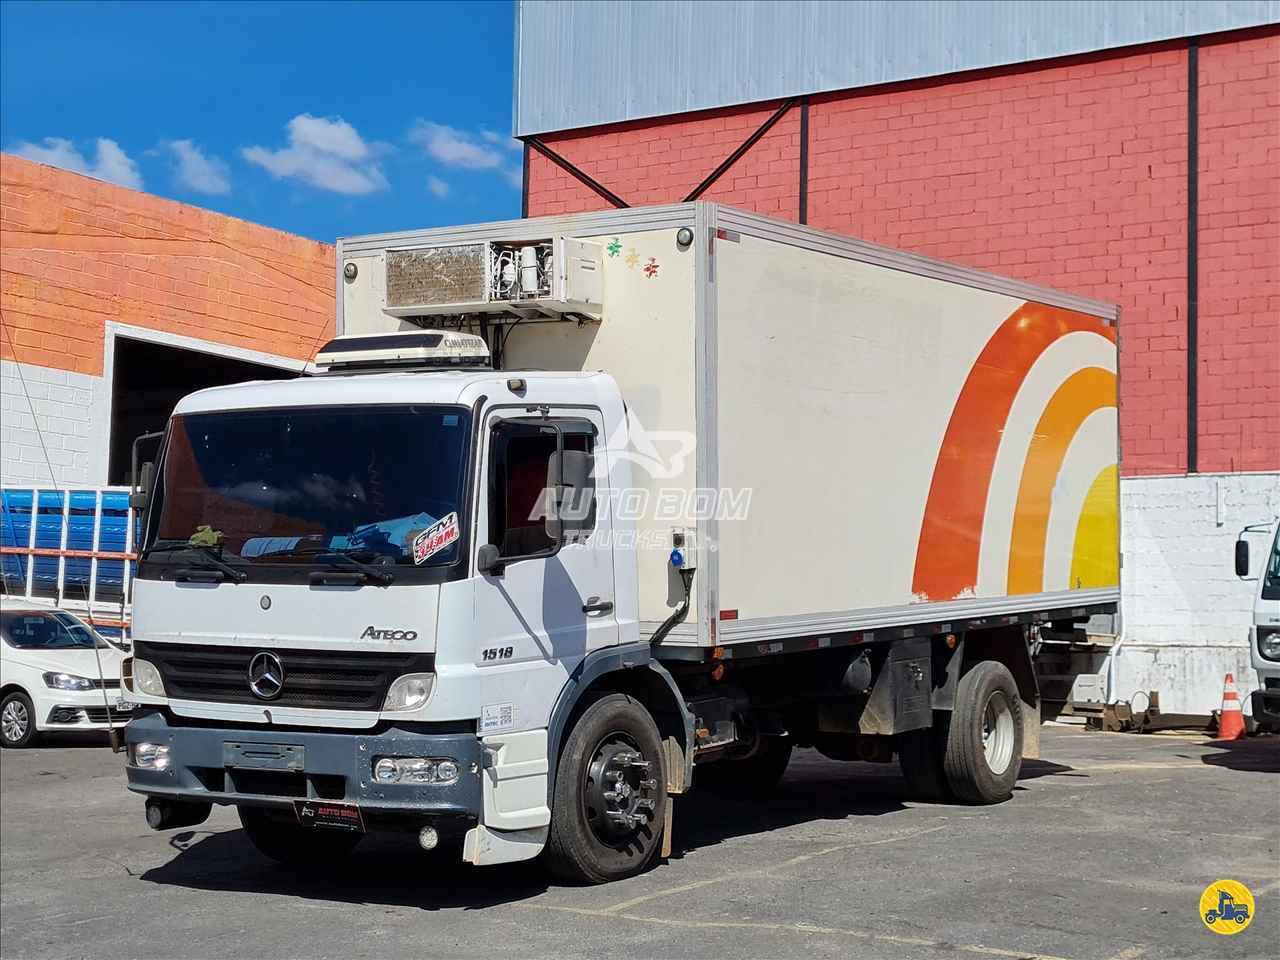 CAMINHAO MERCEDES-BENZ MB 1518 Baú Frigorífico Toco 4x2 Autobom Trucks CONTAGEM MINAS GERAIS MG